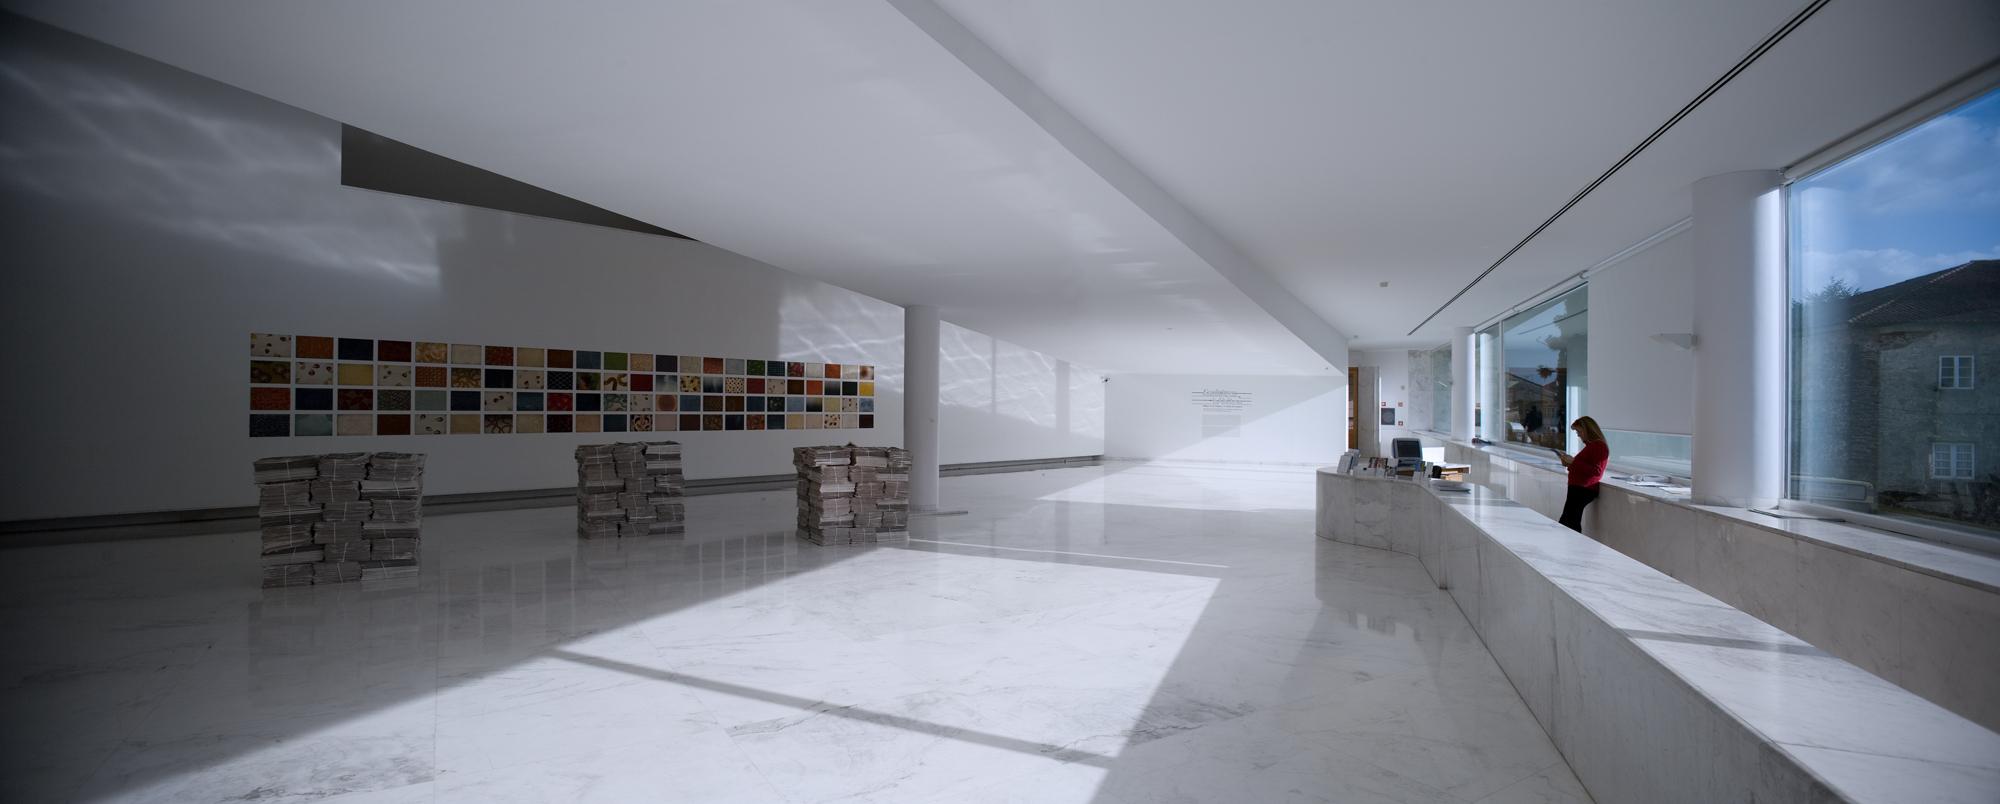 Alvaro Siza Galician Center Contemporary